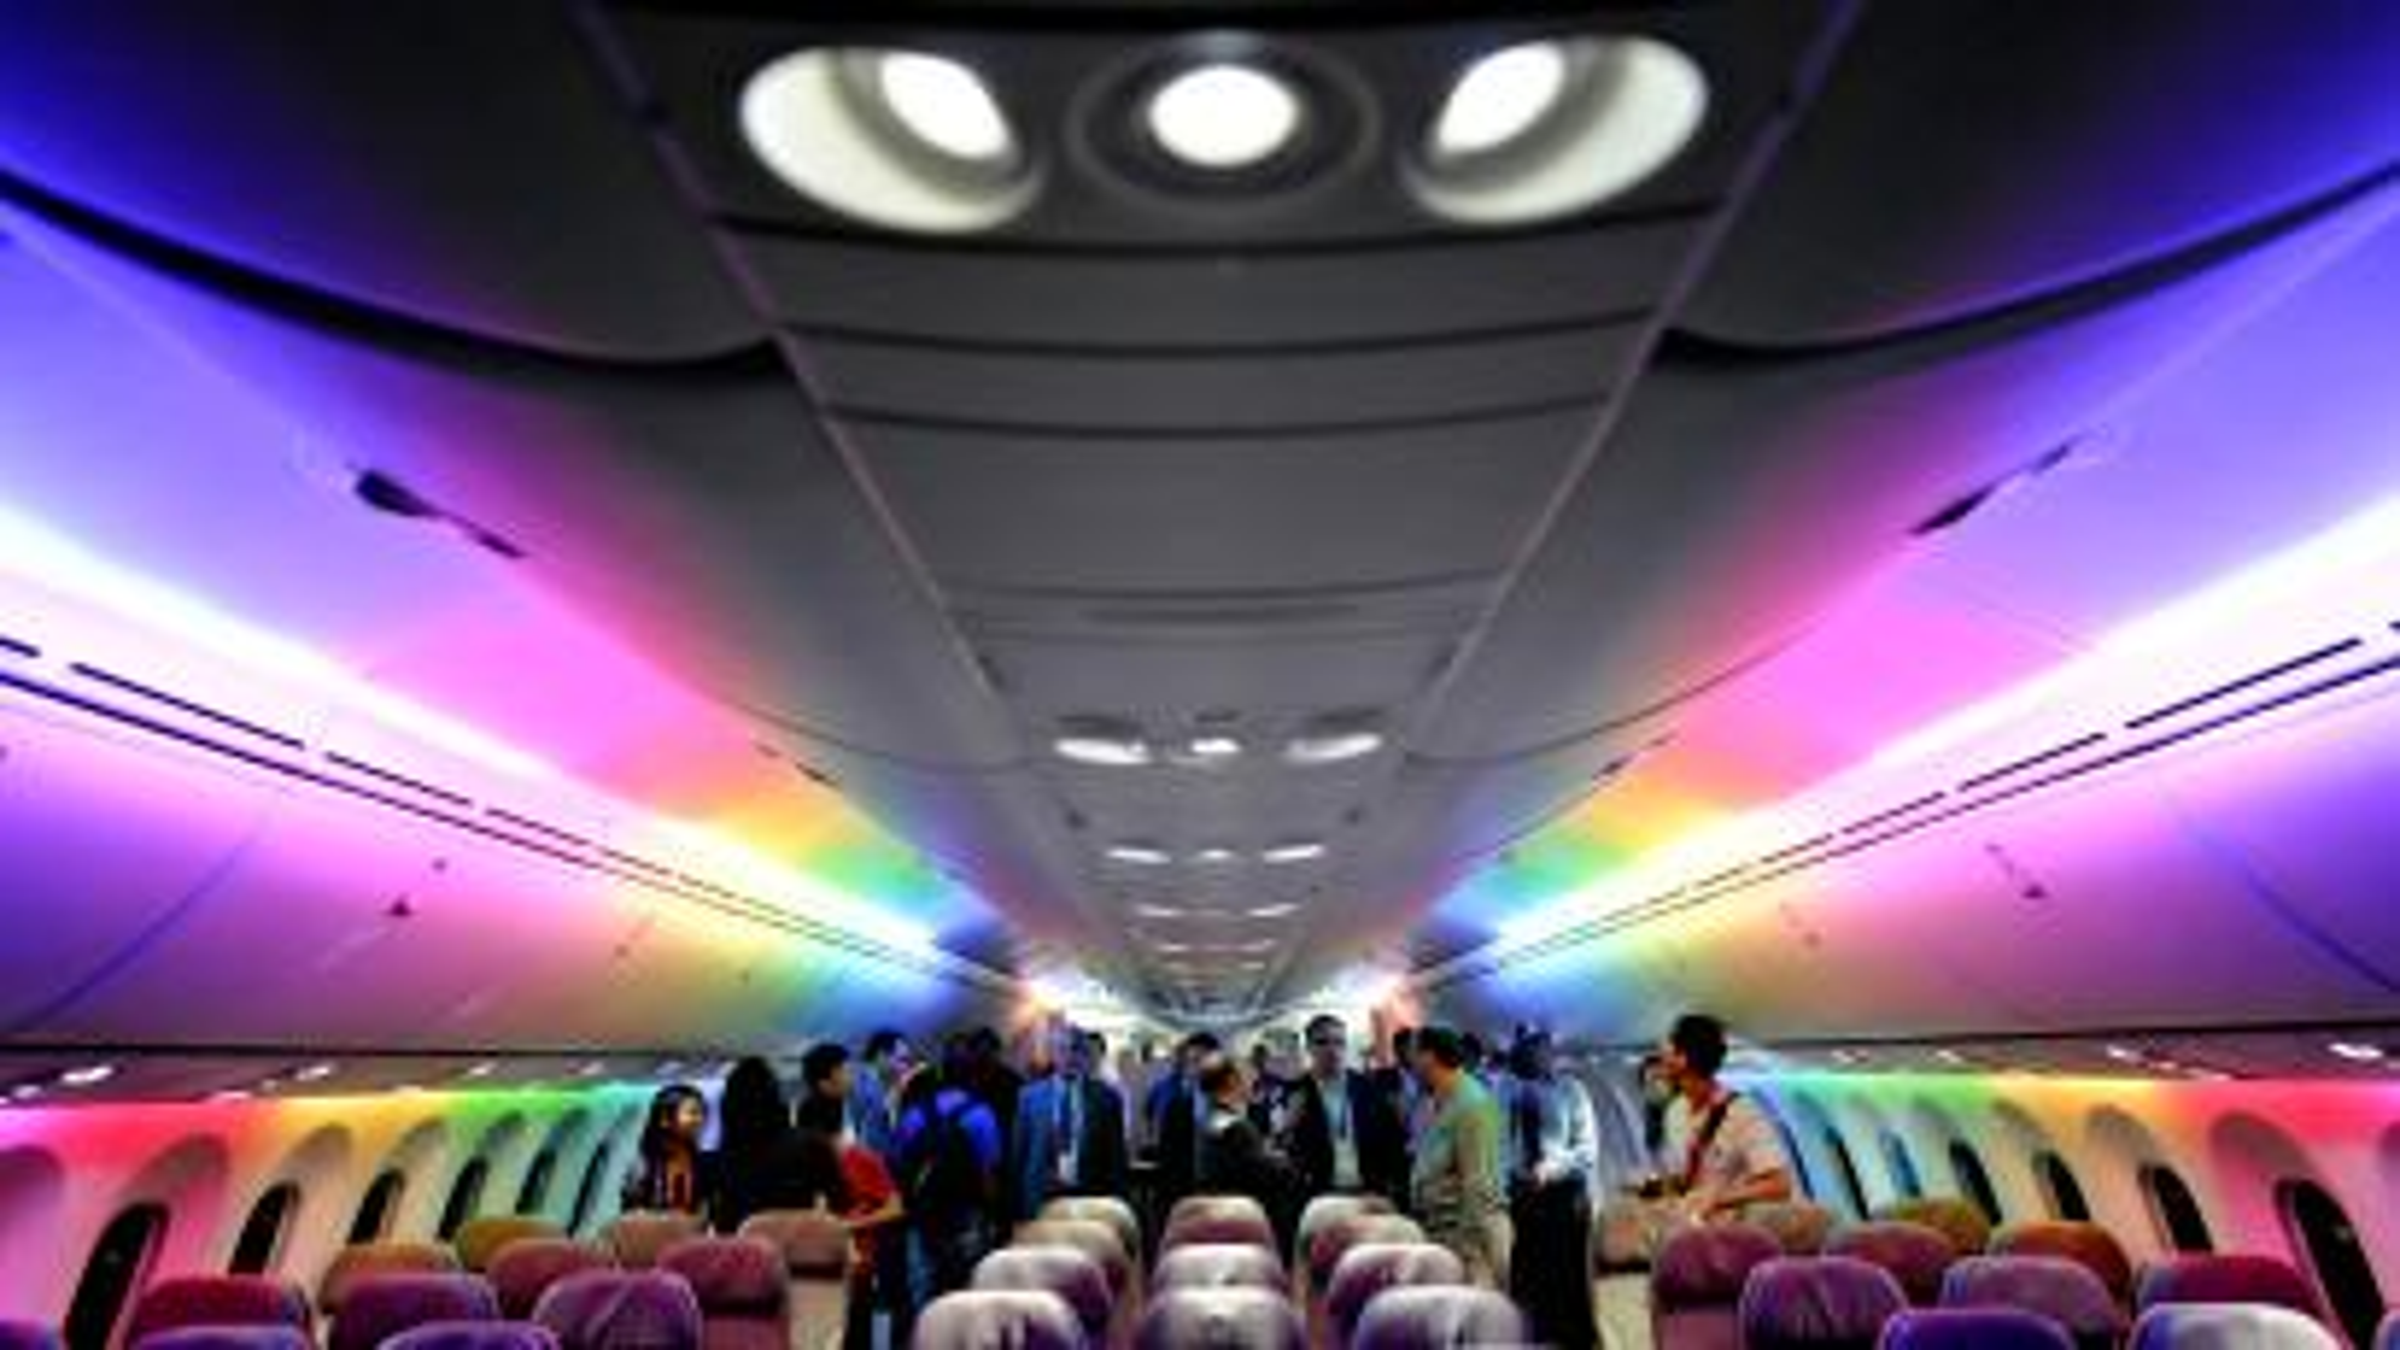 Interior of a Dreamliner